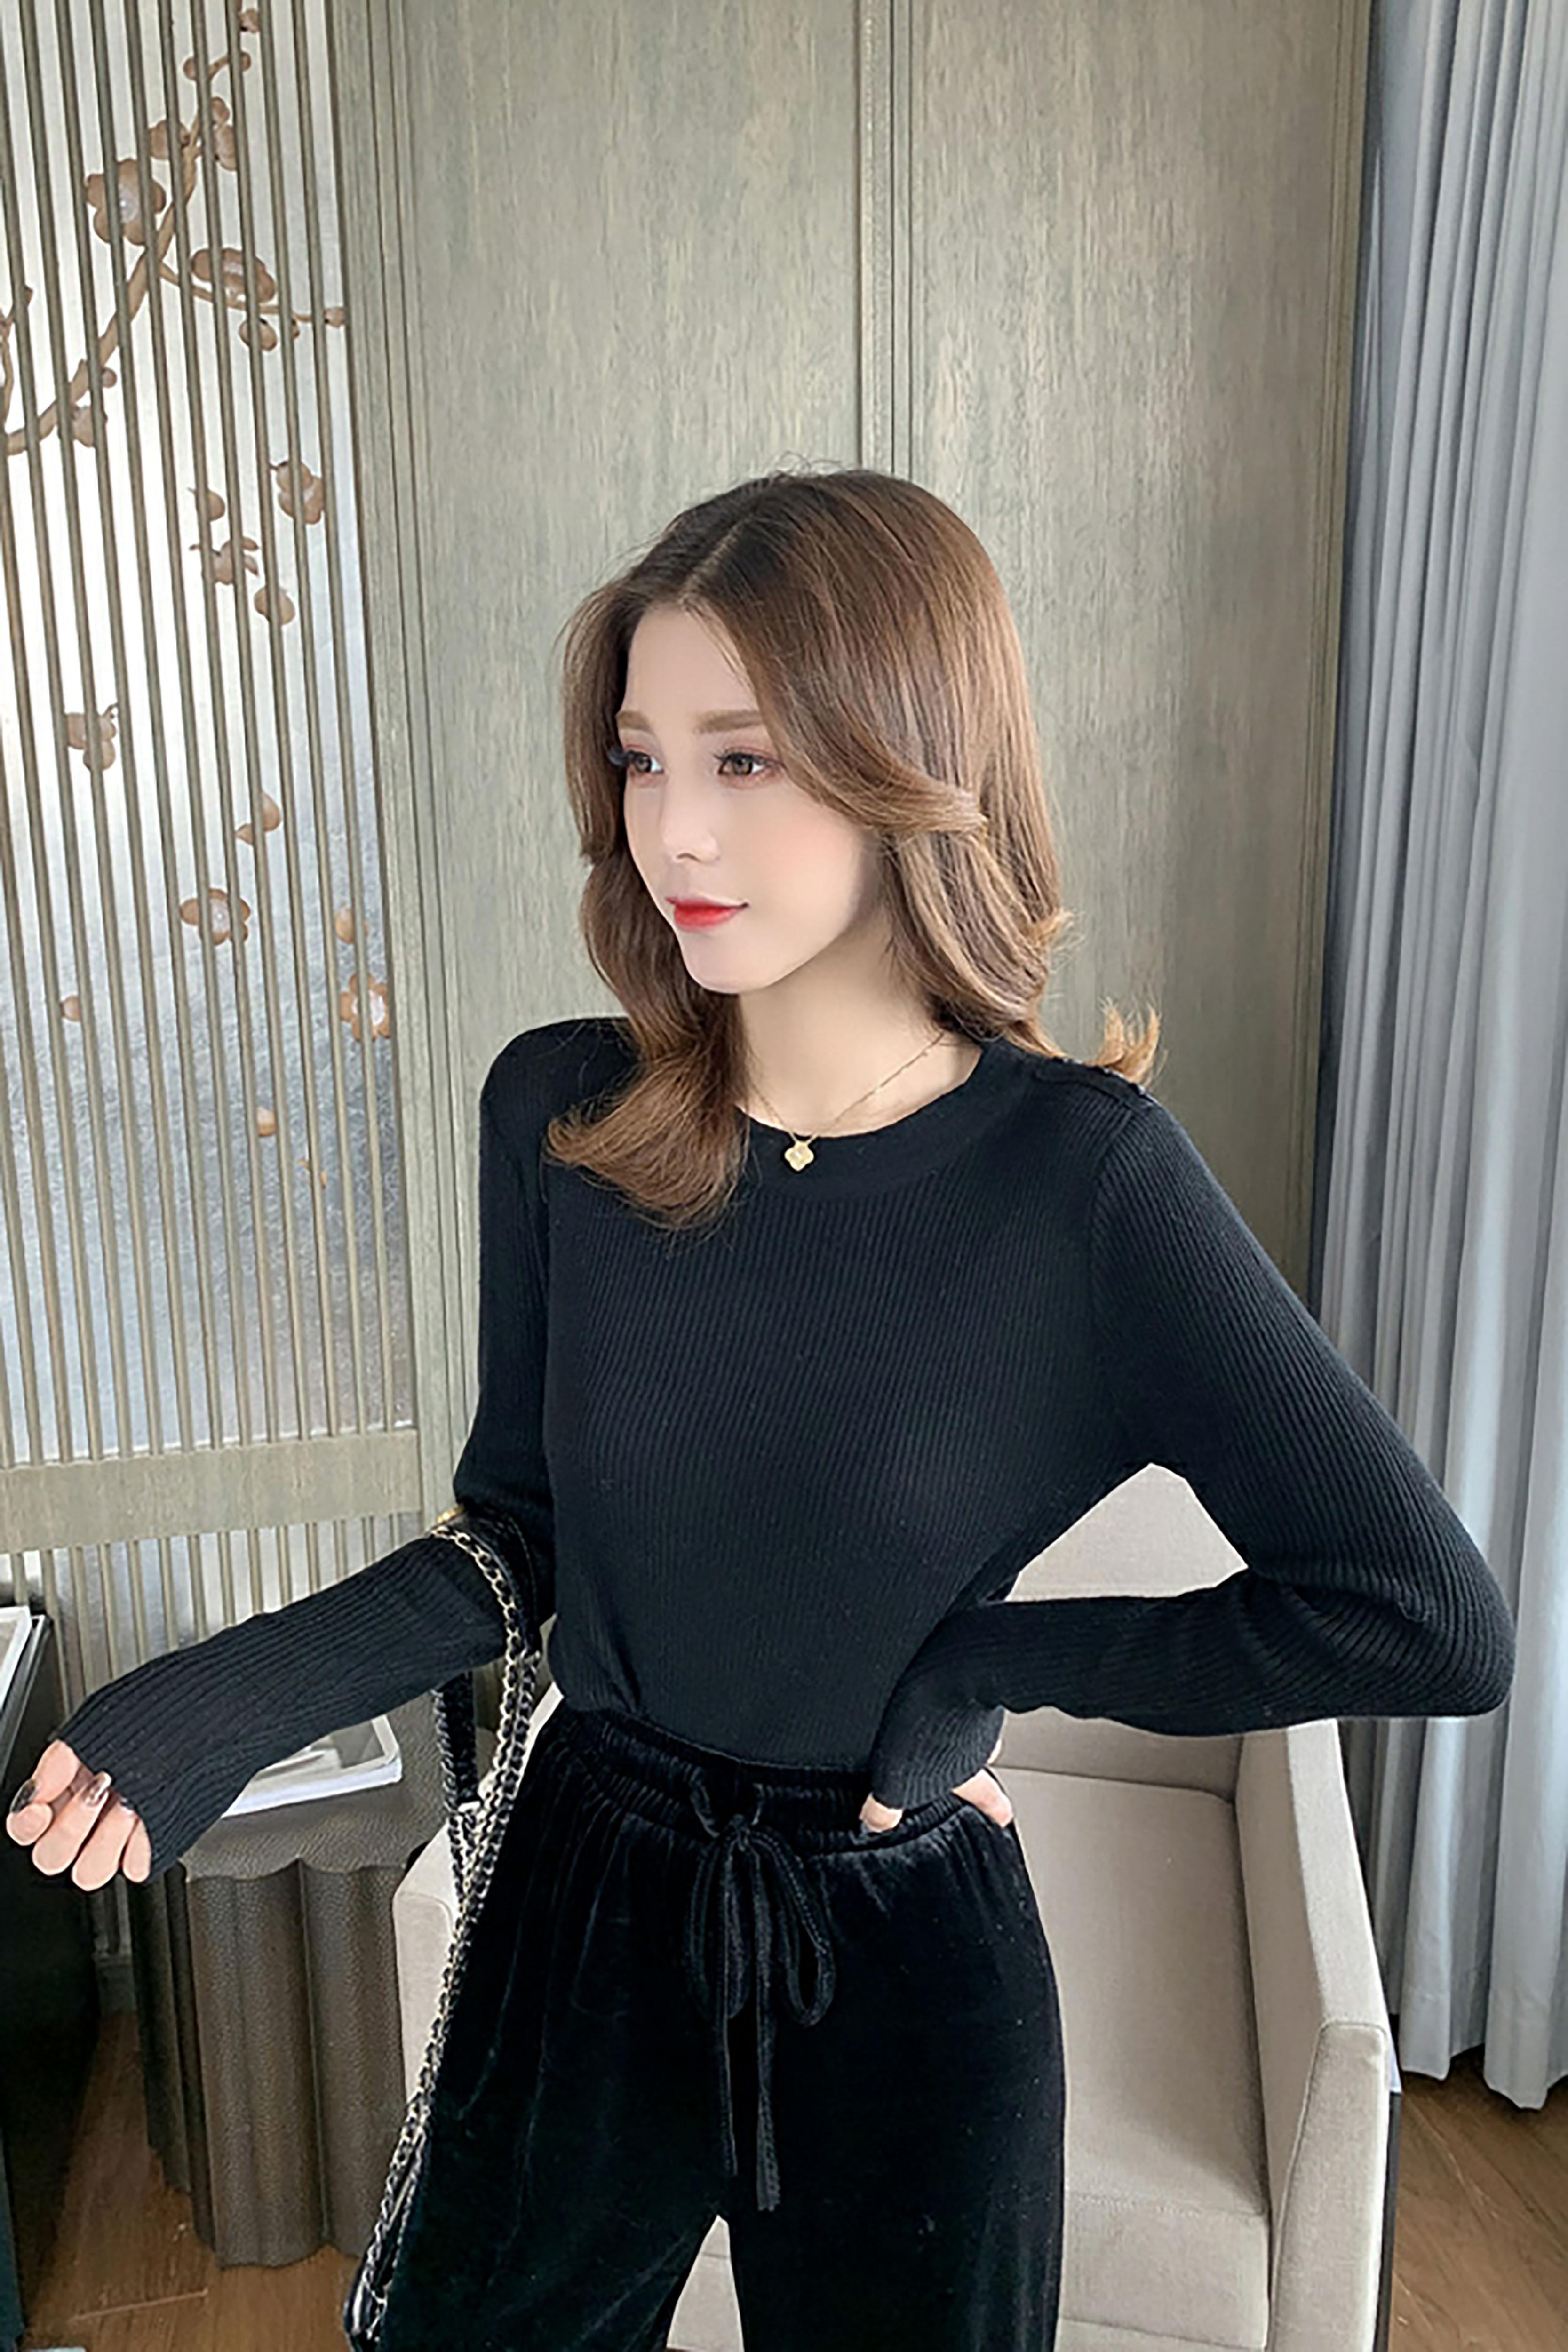 秋季新款韩版纯色修身针织衫女神设计感洋气上衣简约百搭长袖毛衣